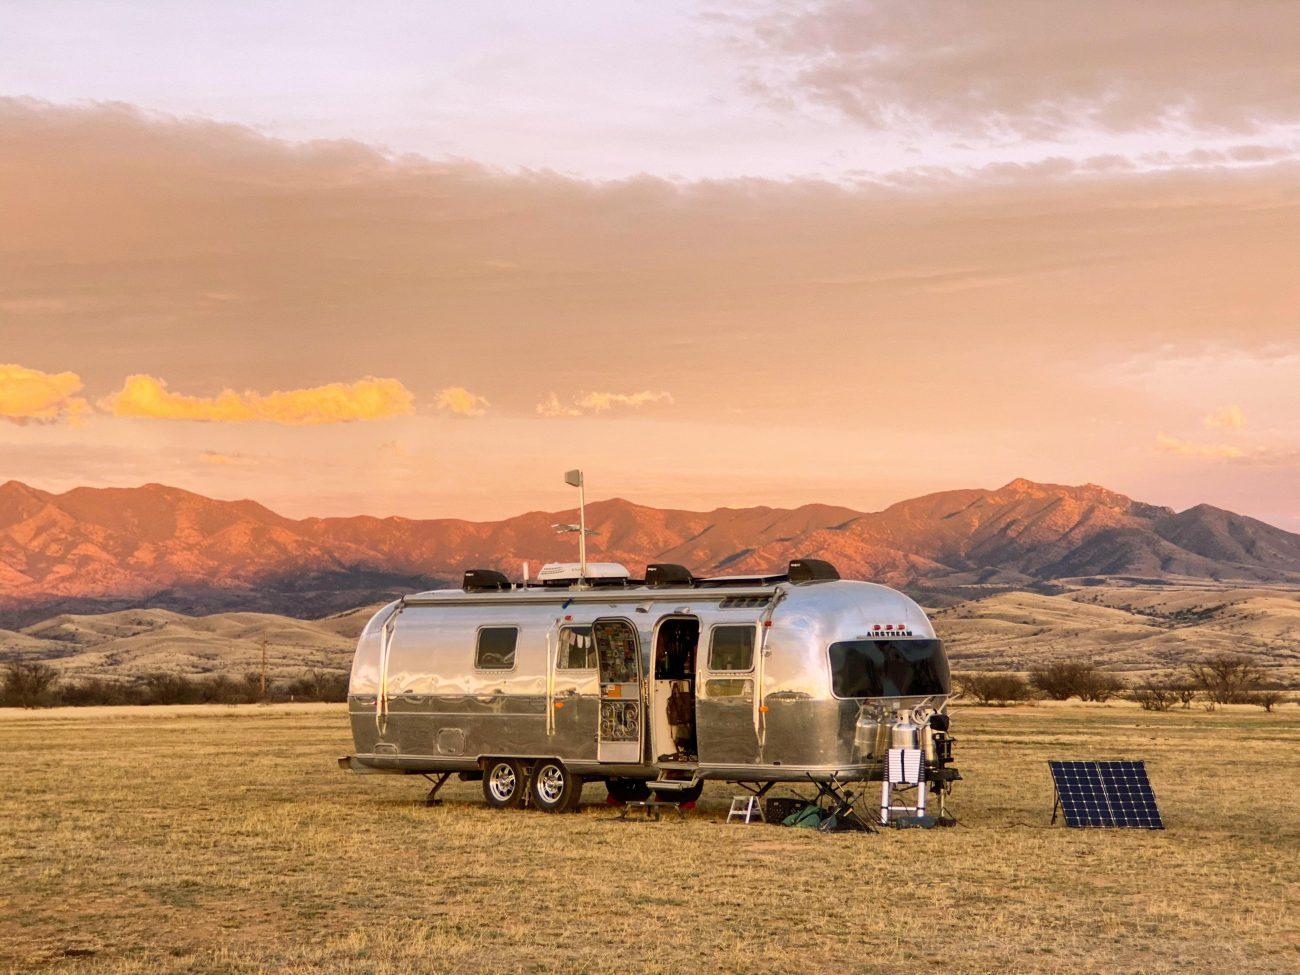 Airstream in Arizona